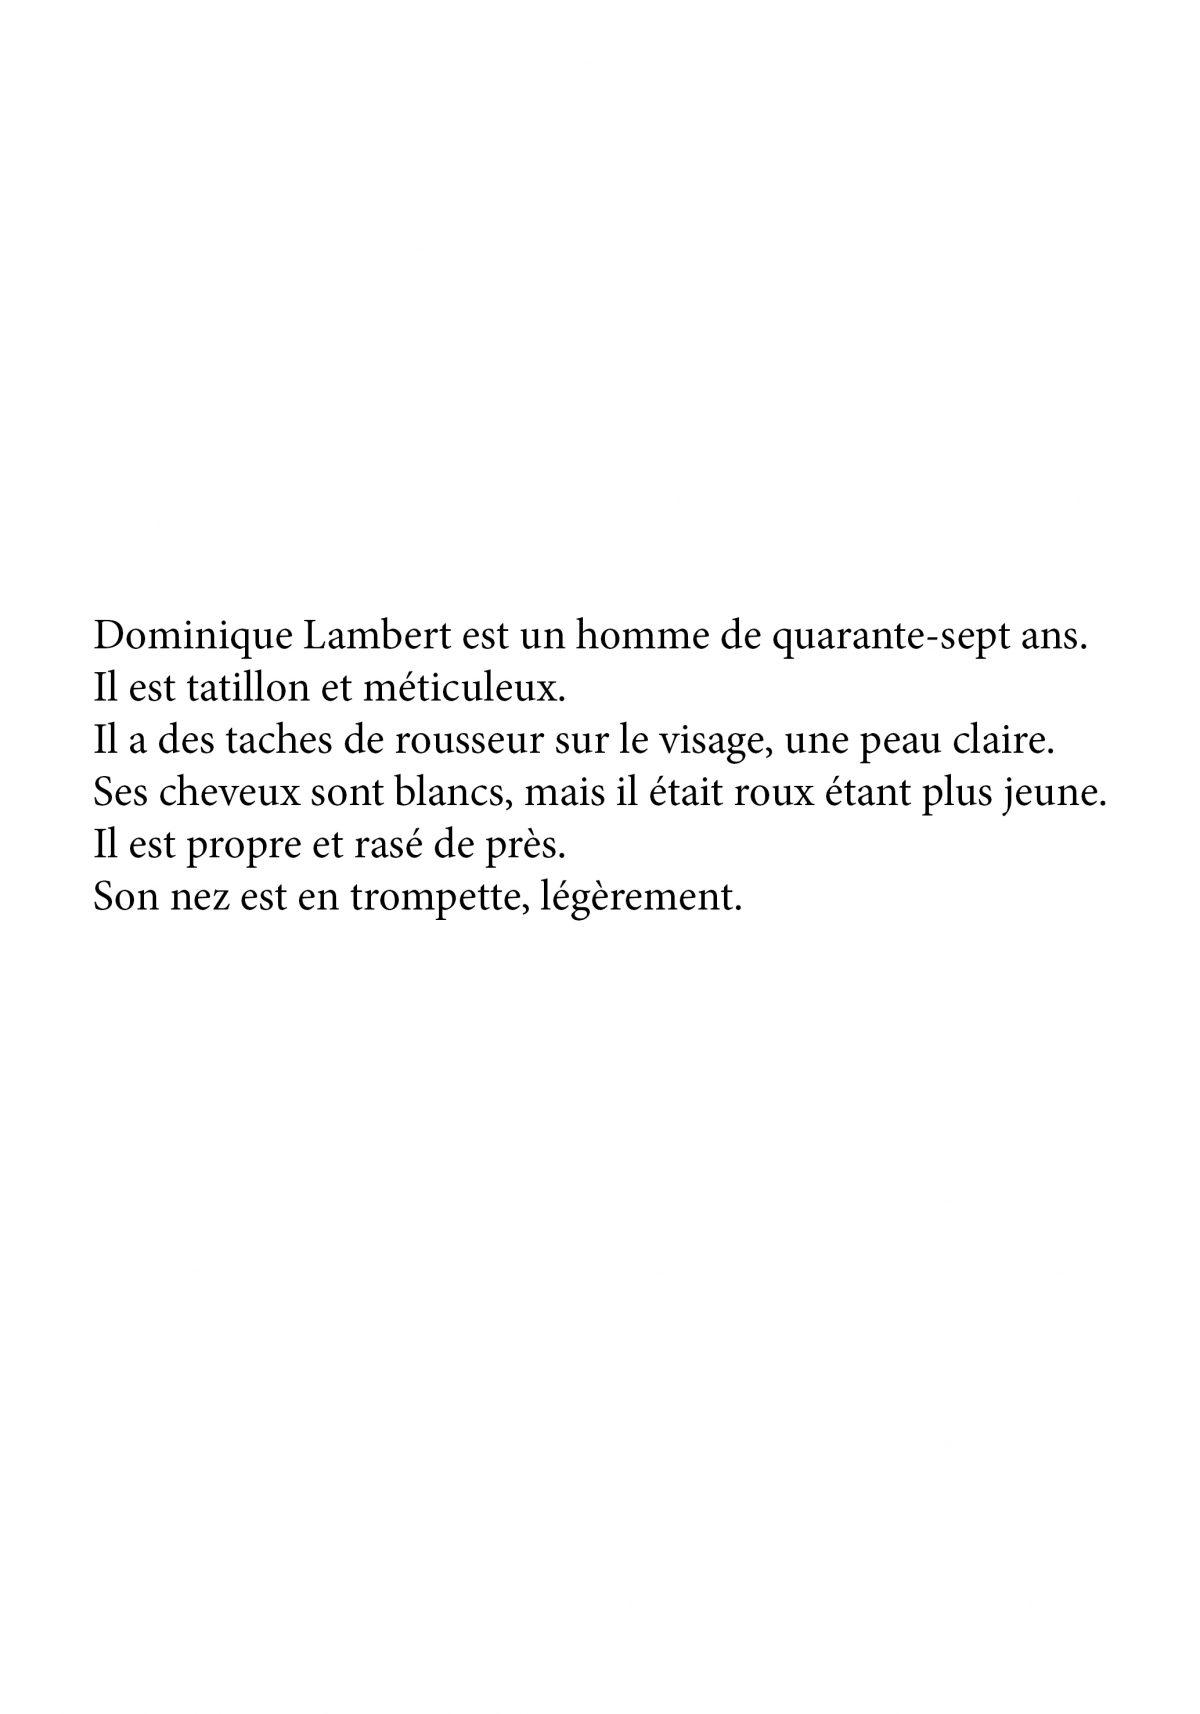 dominique-lambert-014-191_2_portrait-comite-consultatif-c-stephanie-solinas_2004-2010